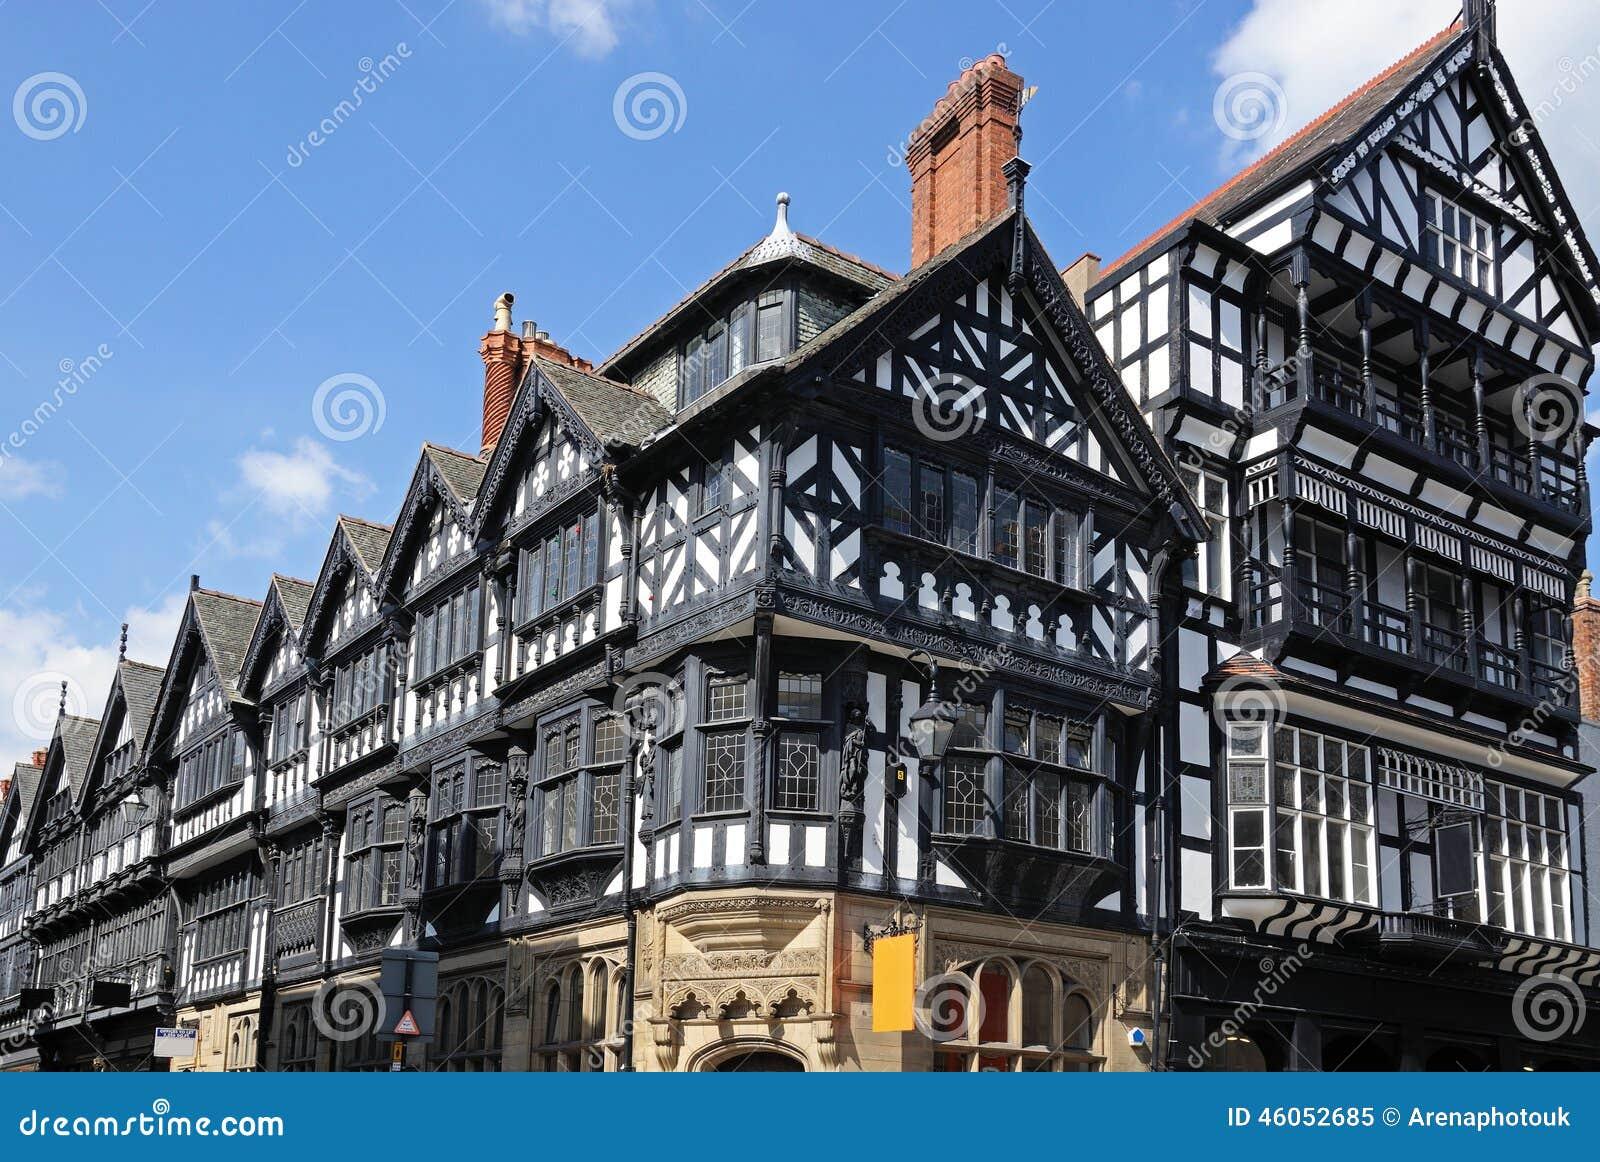 Bâtiments de Tudor, Chester